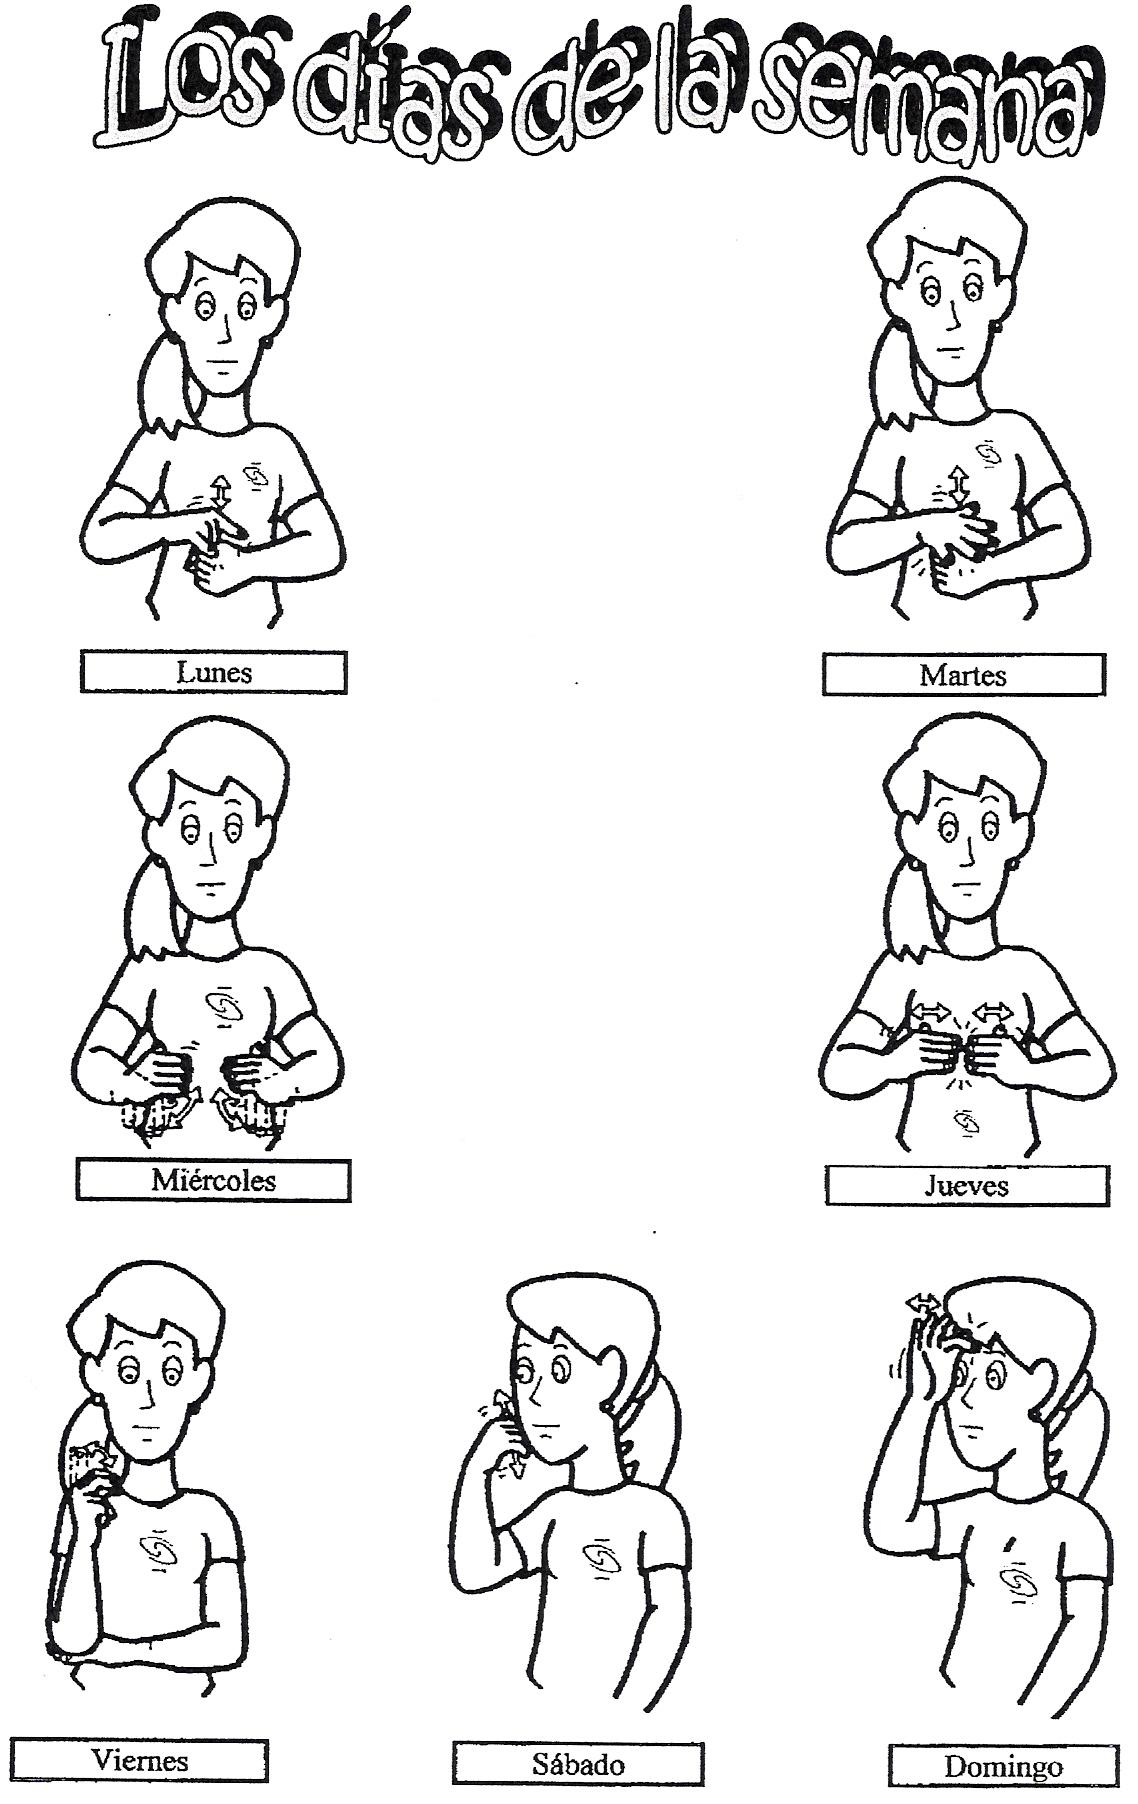 Los días de la semana en lengua de signos